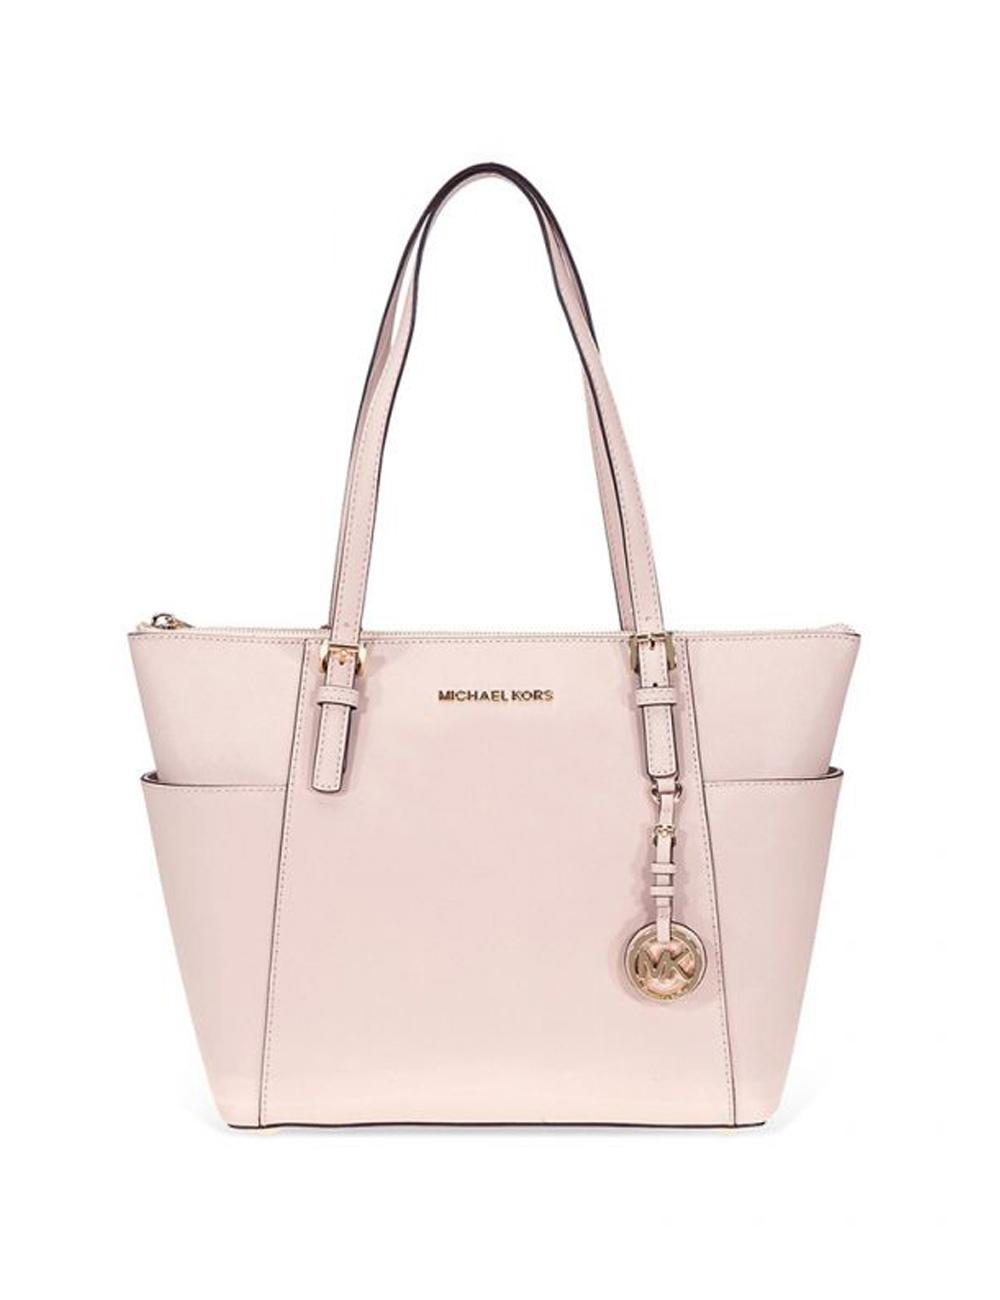 Schönheit 60% Freigabe großer Rabatt michael kors handtasche